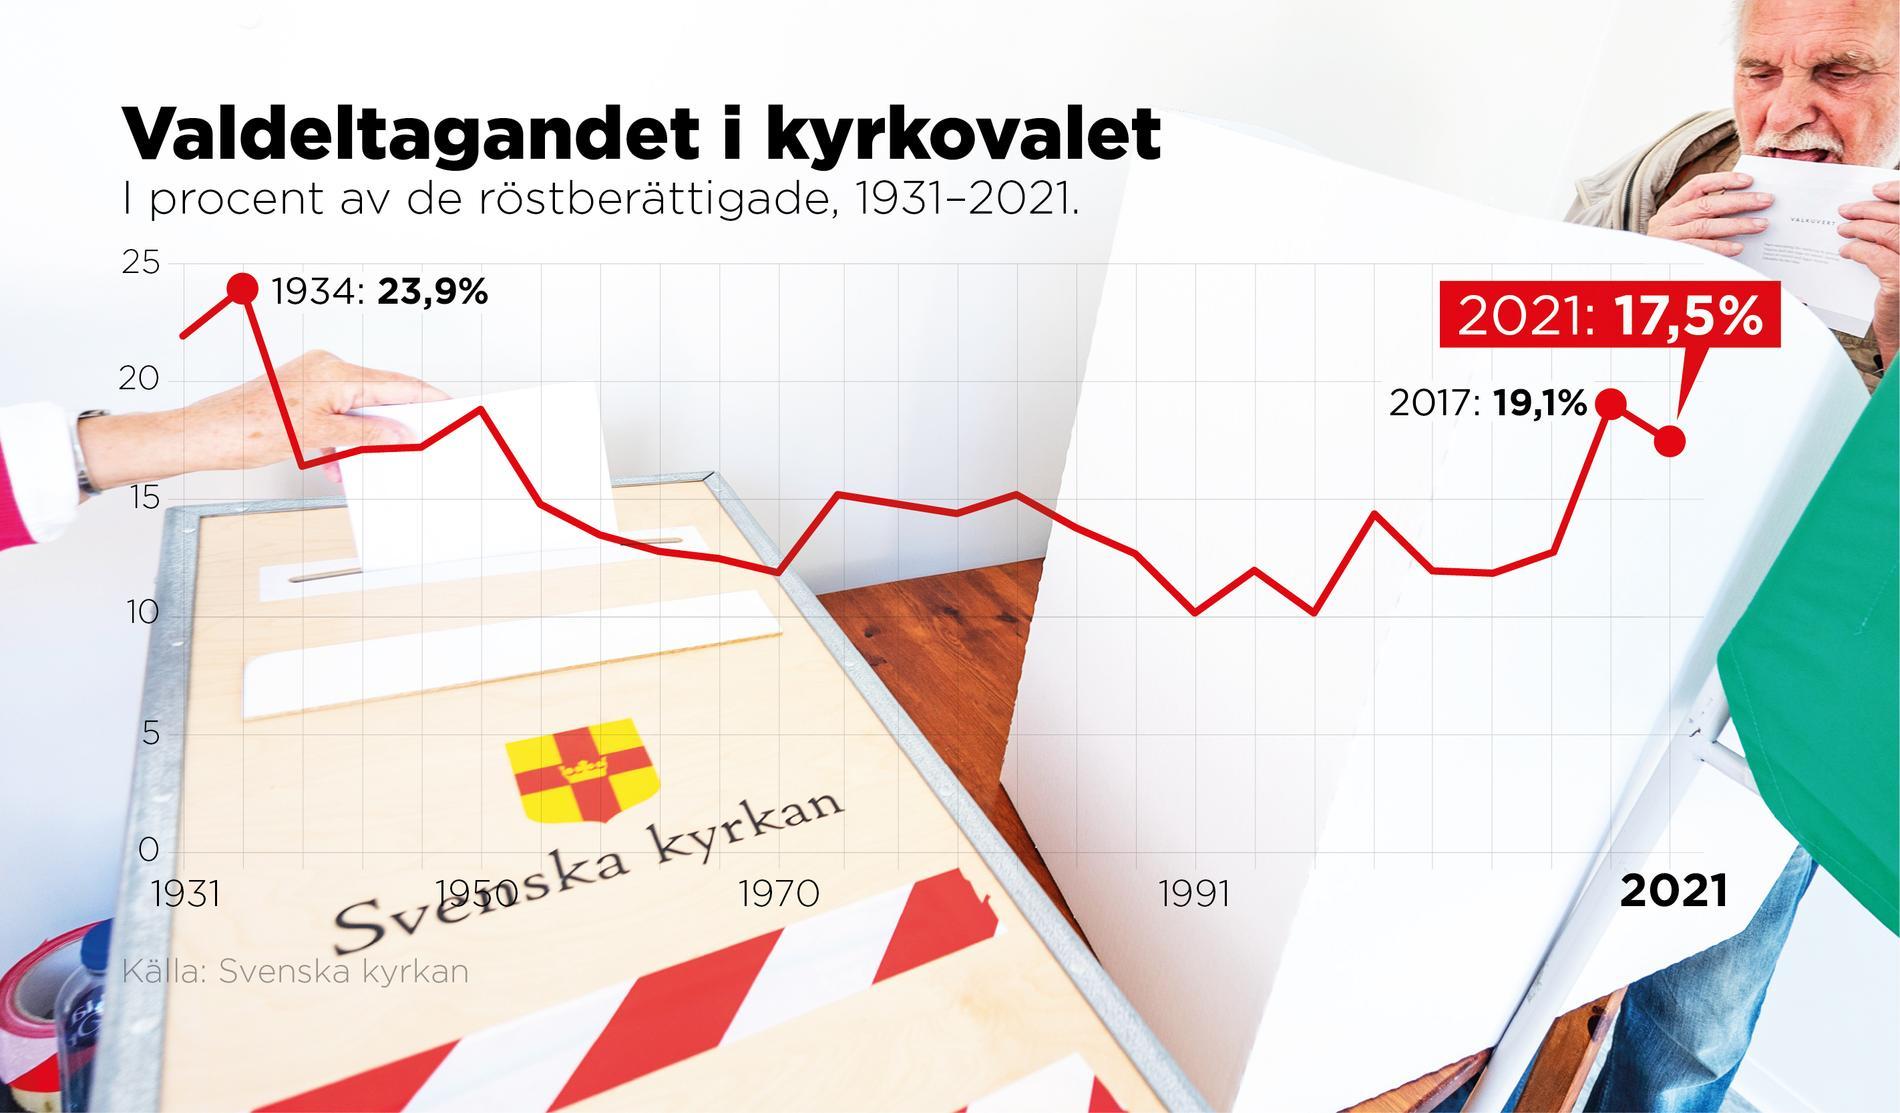 I procent av de röstberättigade, 1931–2021.